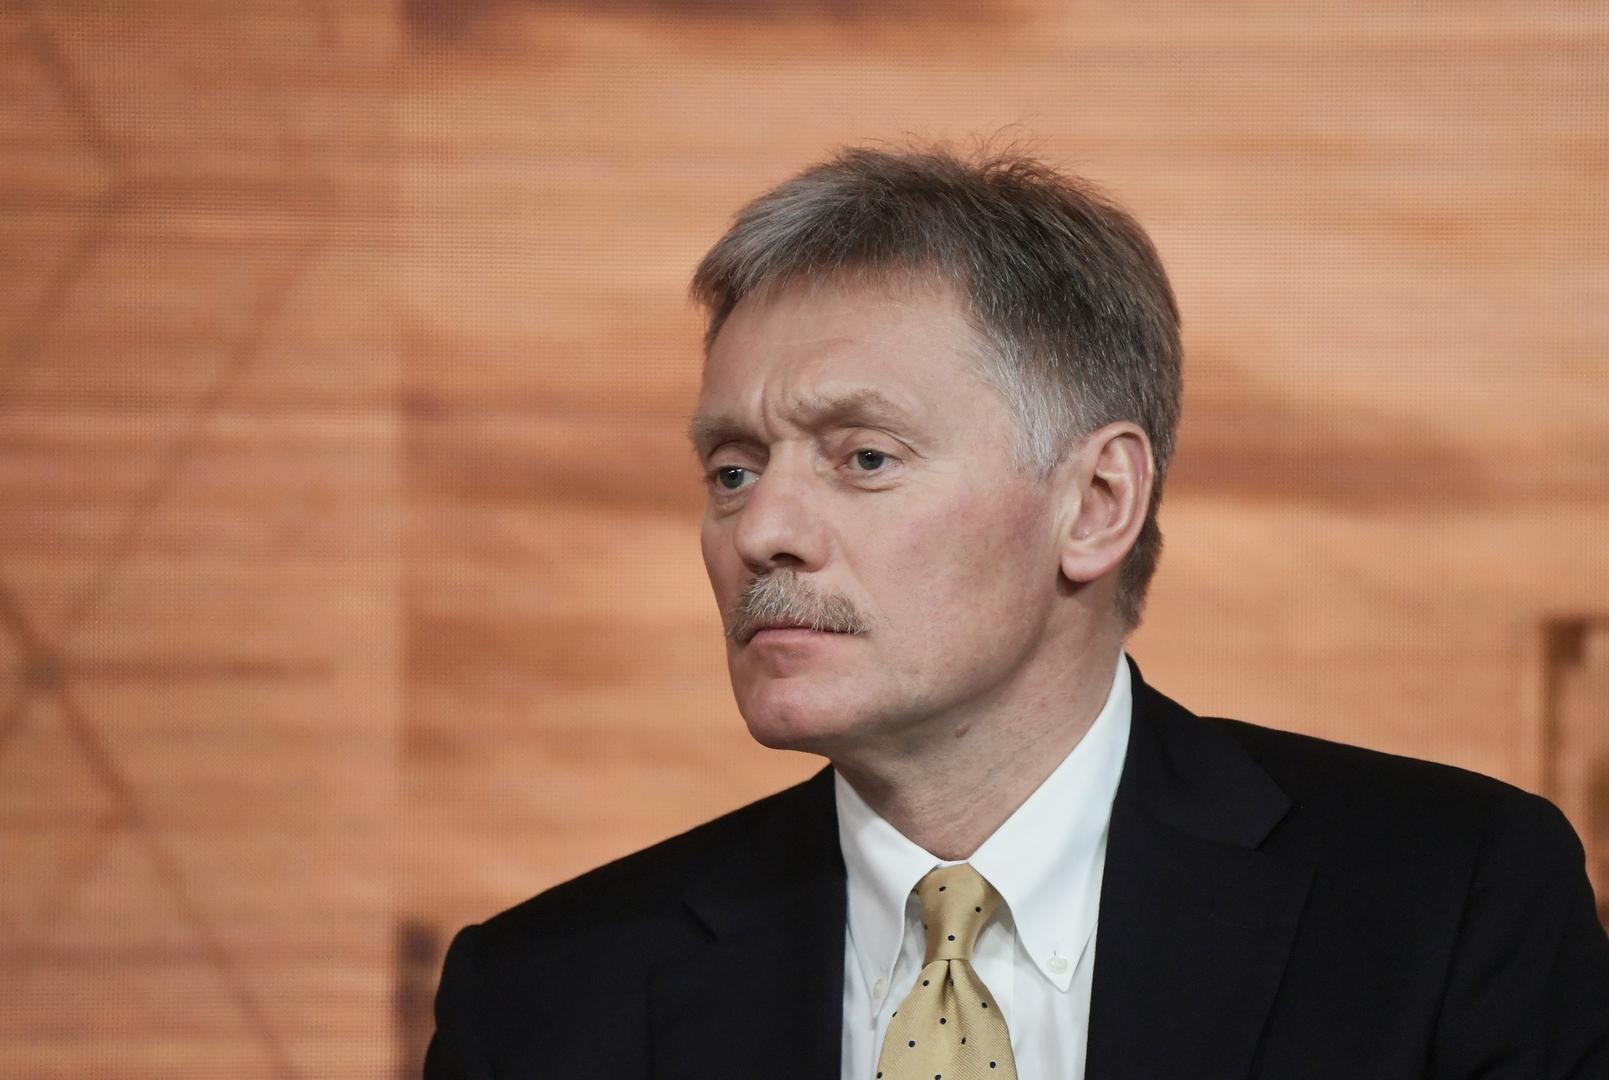 الرئاسة الروسية: الدعوات لوقف مشروع